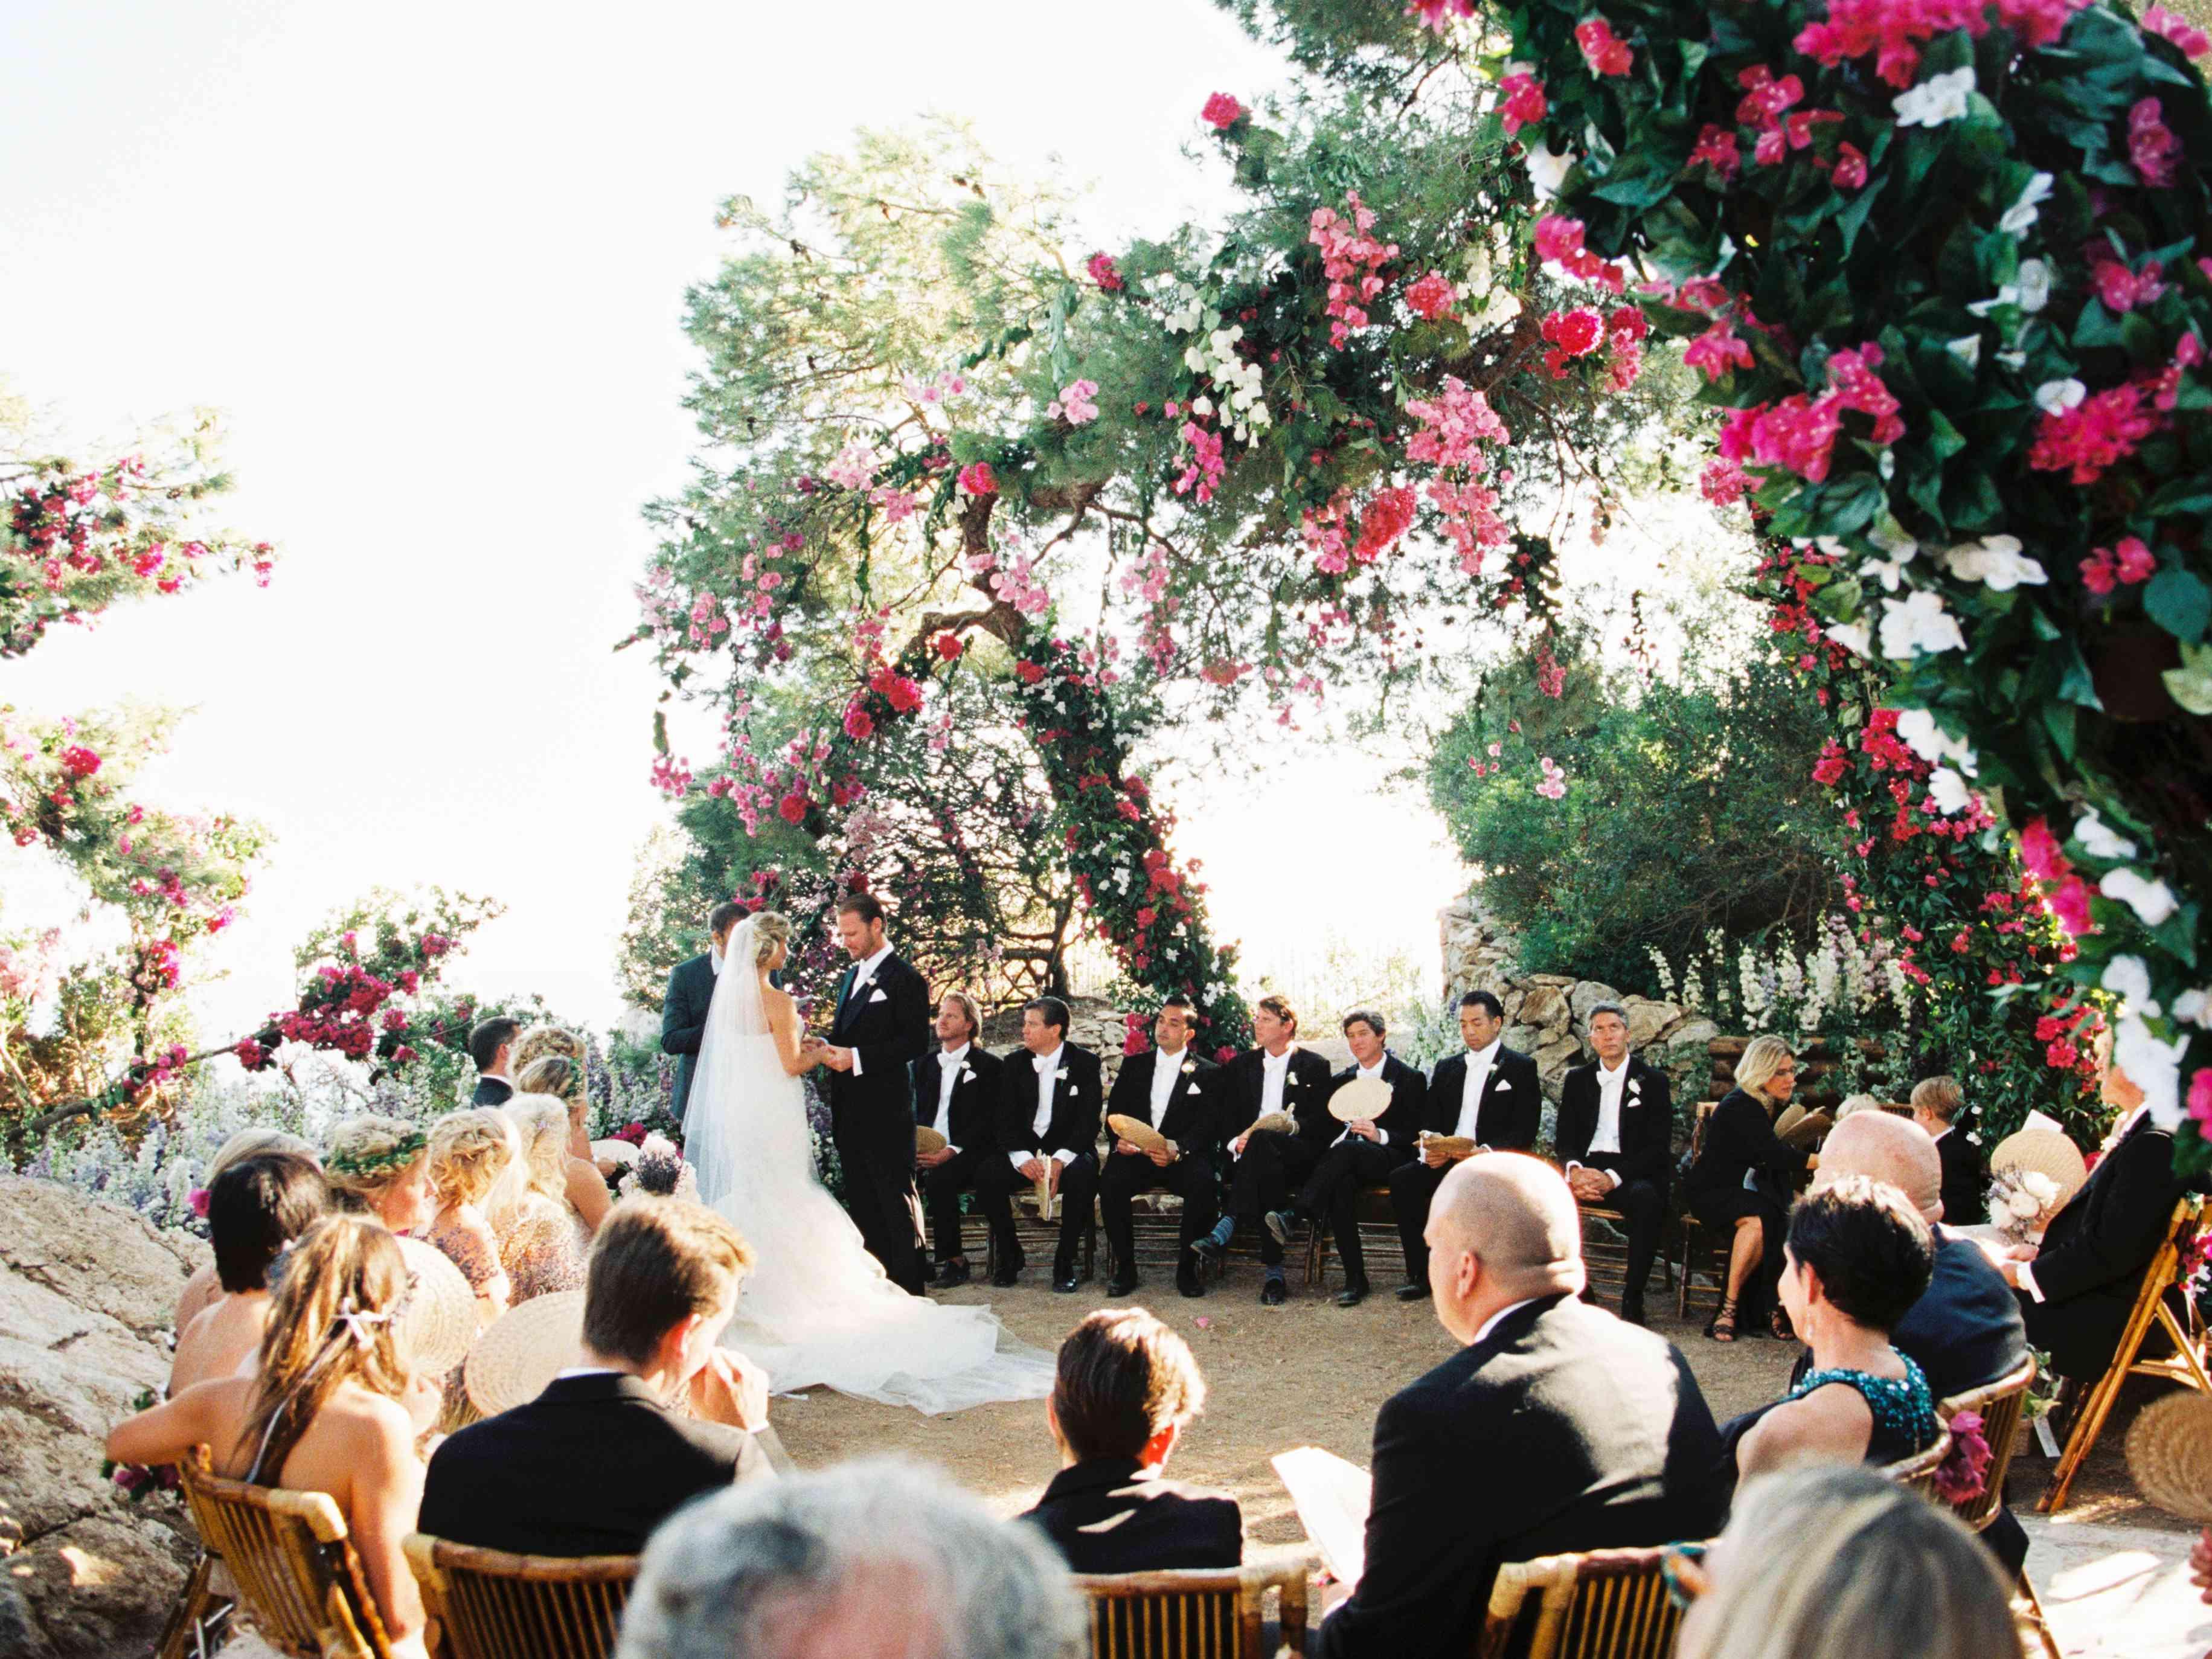 Ceremony in the Round